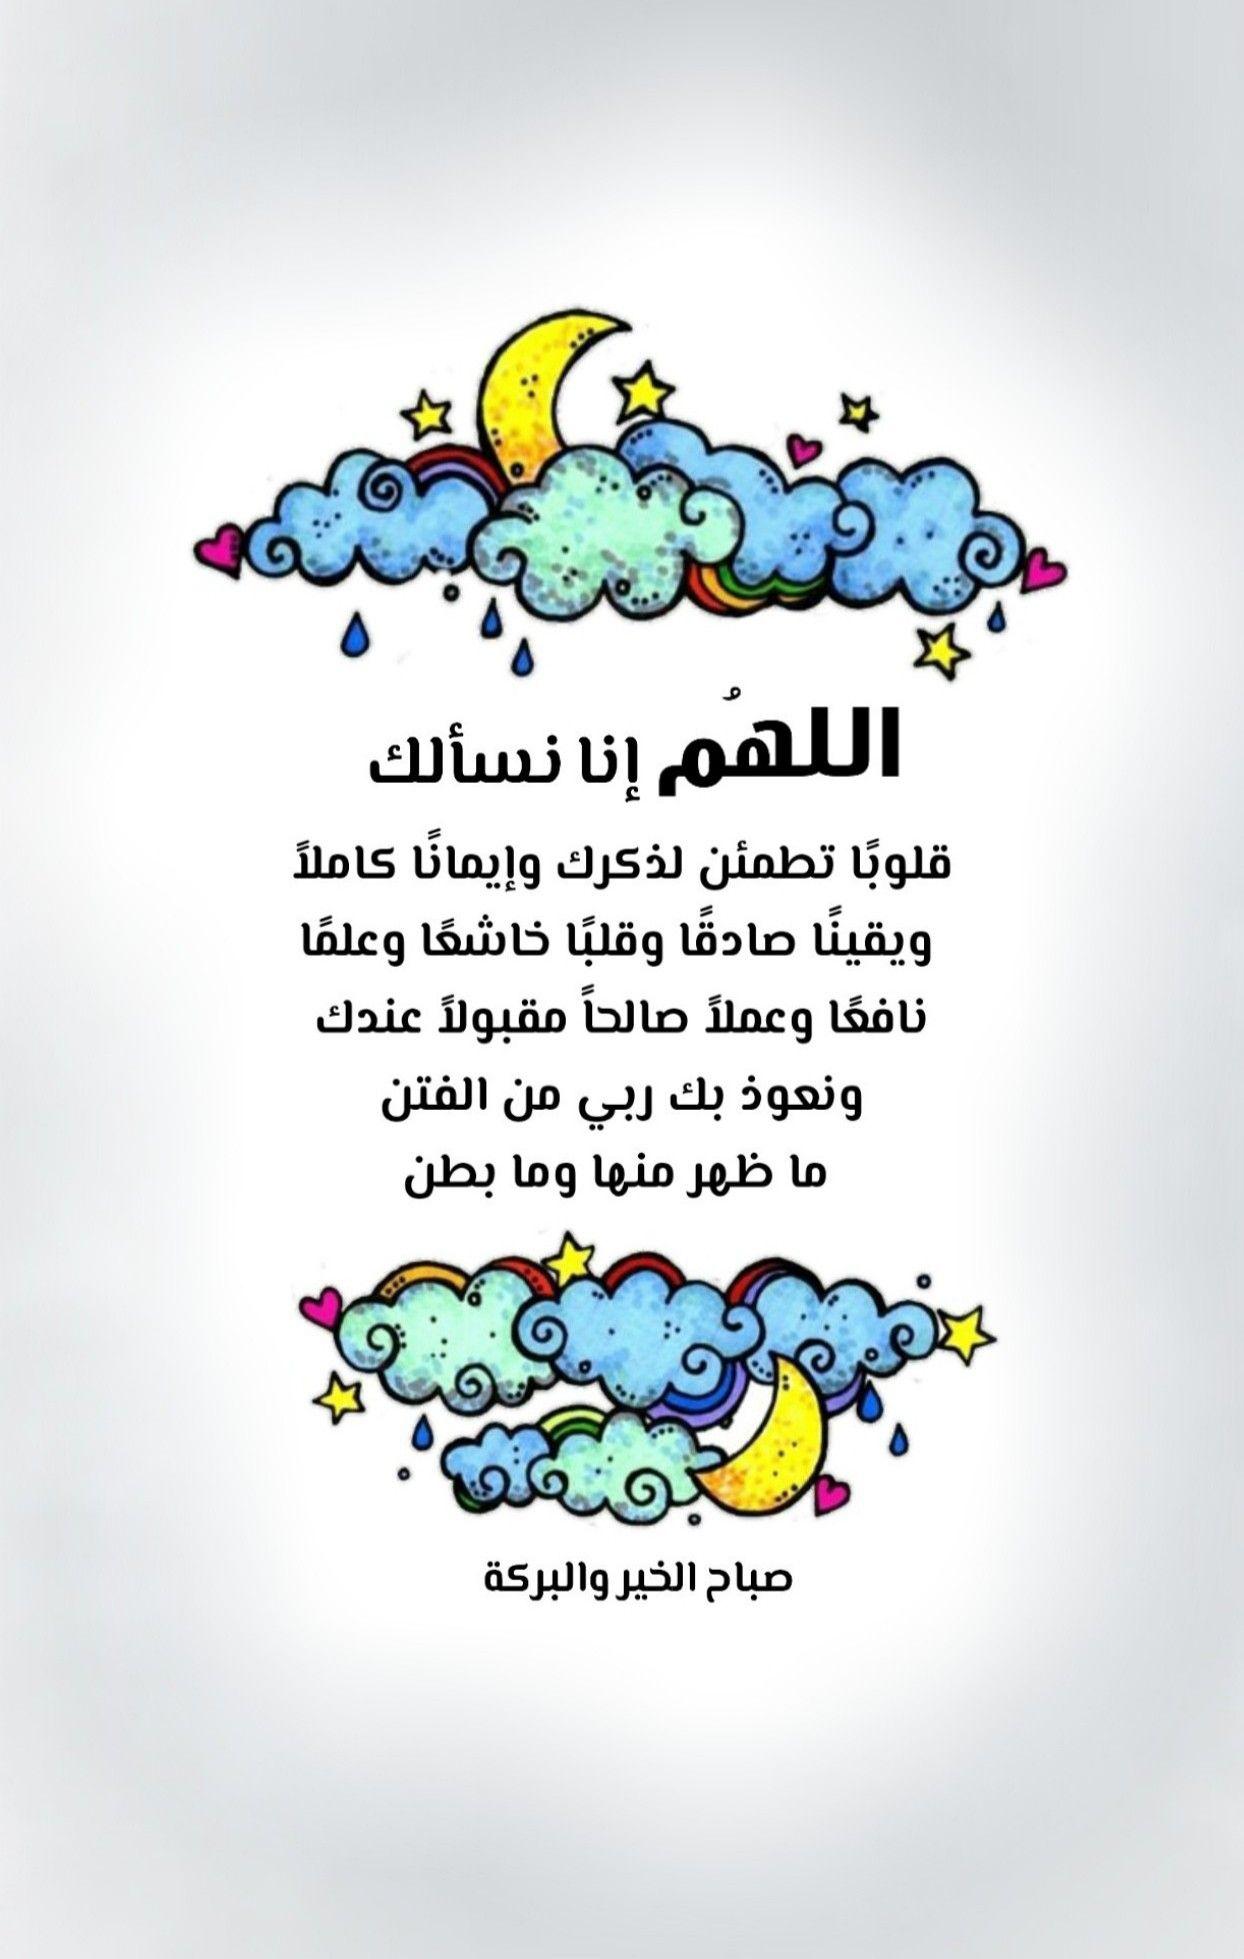 الله م إنا نسألك قلوب ا تطمئن لذكرك وإيمان ا كاملا ويقين ا صادق ا وقلب ا خاشع ا وعلم ا نا Good Morning Quotes Good Morning Arabic Good Morning Greetings